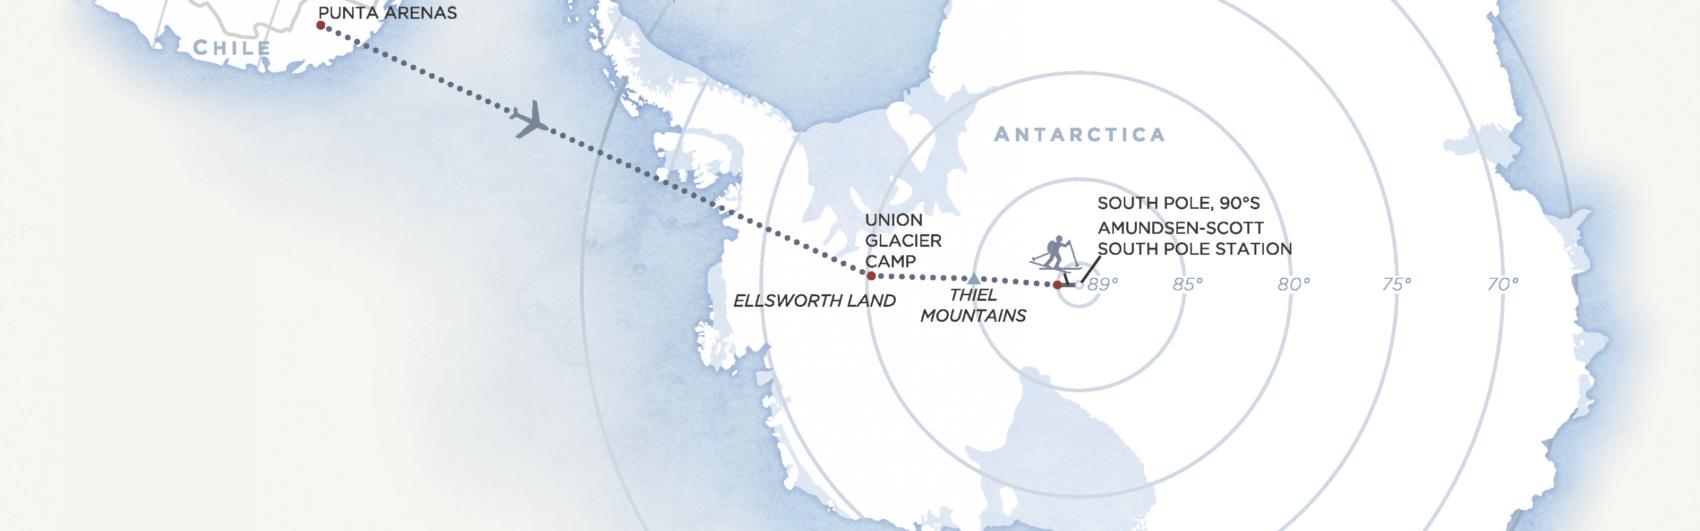 Union Glacier Camp, Antarctica,